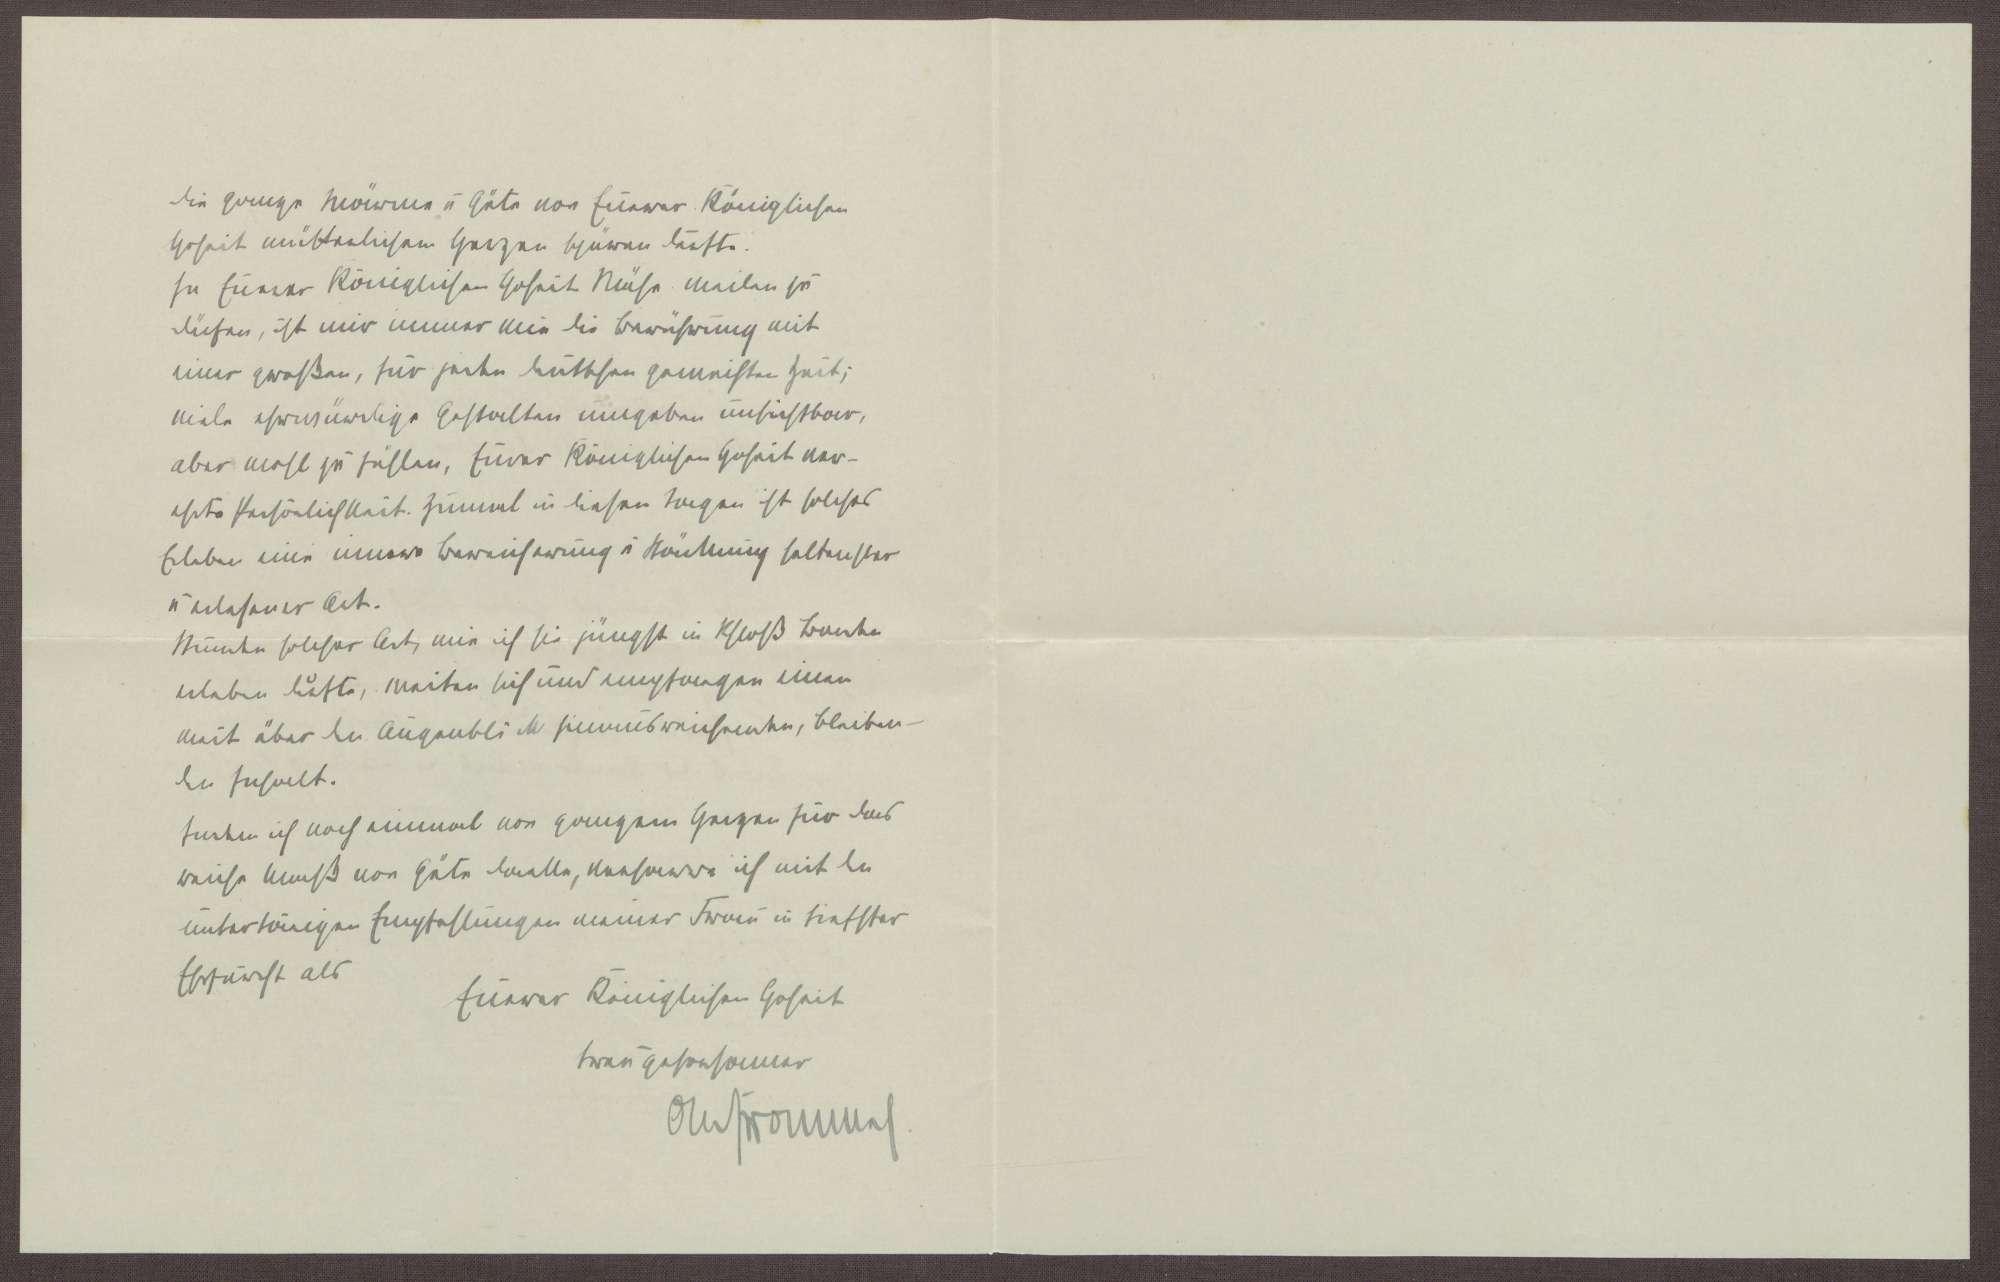 Schreiben von Otto Frommel an die Großherzogin Luise; Dank für ein Geschenk für den Patensohn Klaus Joachim Frommel, Bild 2